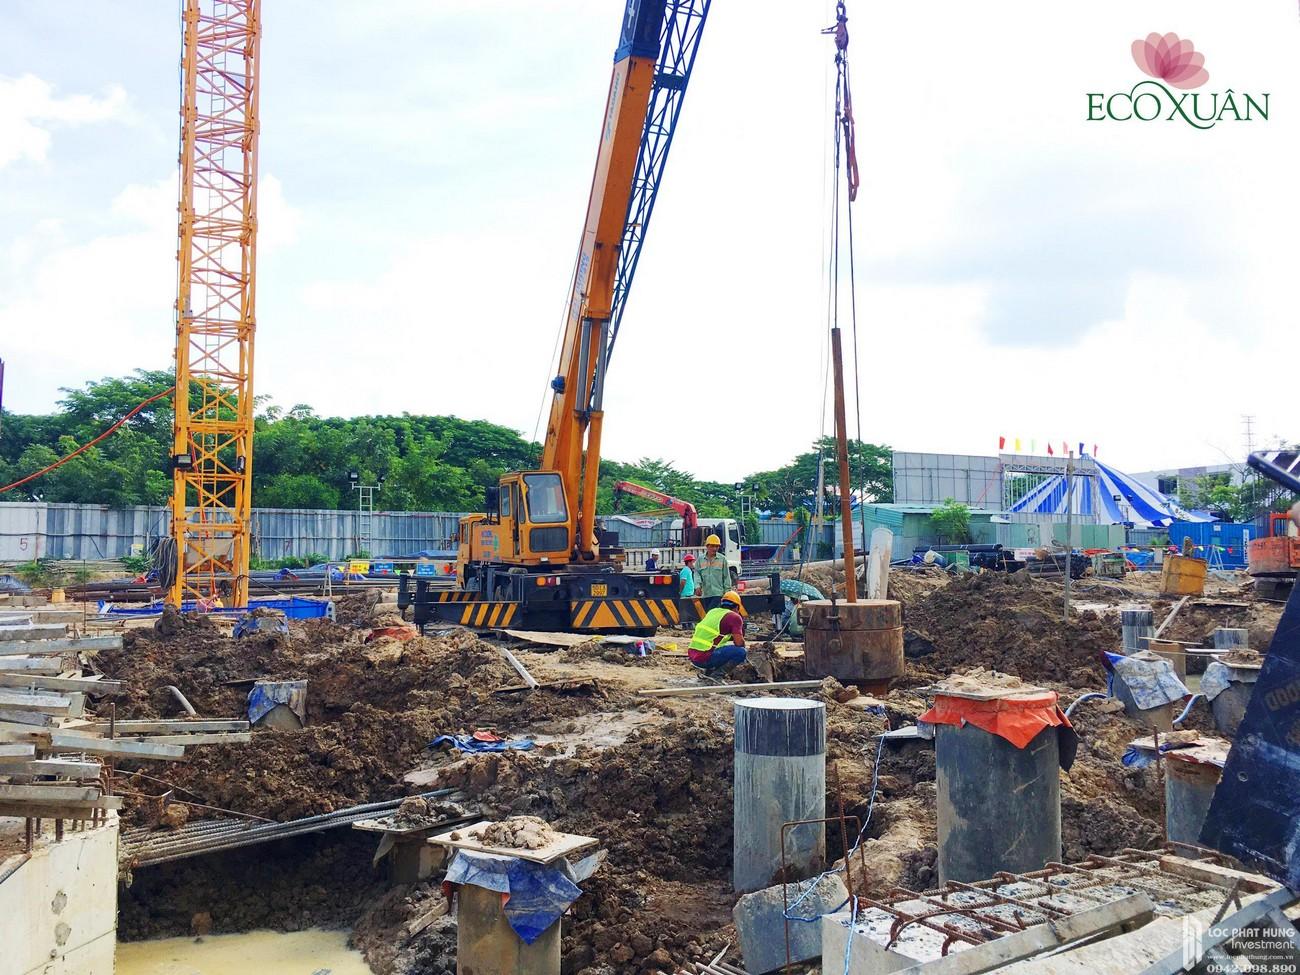 Tiến độ dự án Căn Hộ chung cư  EcoXuan Block C Lái Thiêu Đường Quốc Lộ 13 chủ đầu tư SP Setia Malaysia